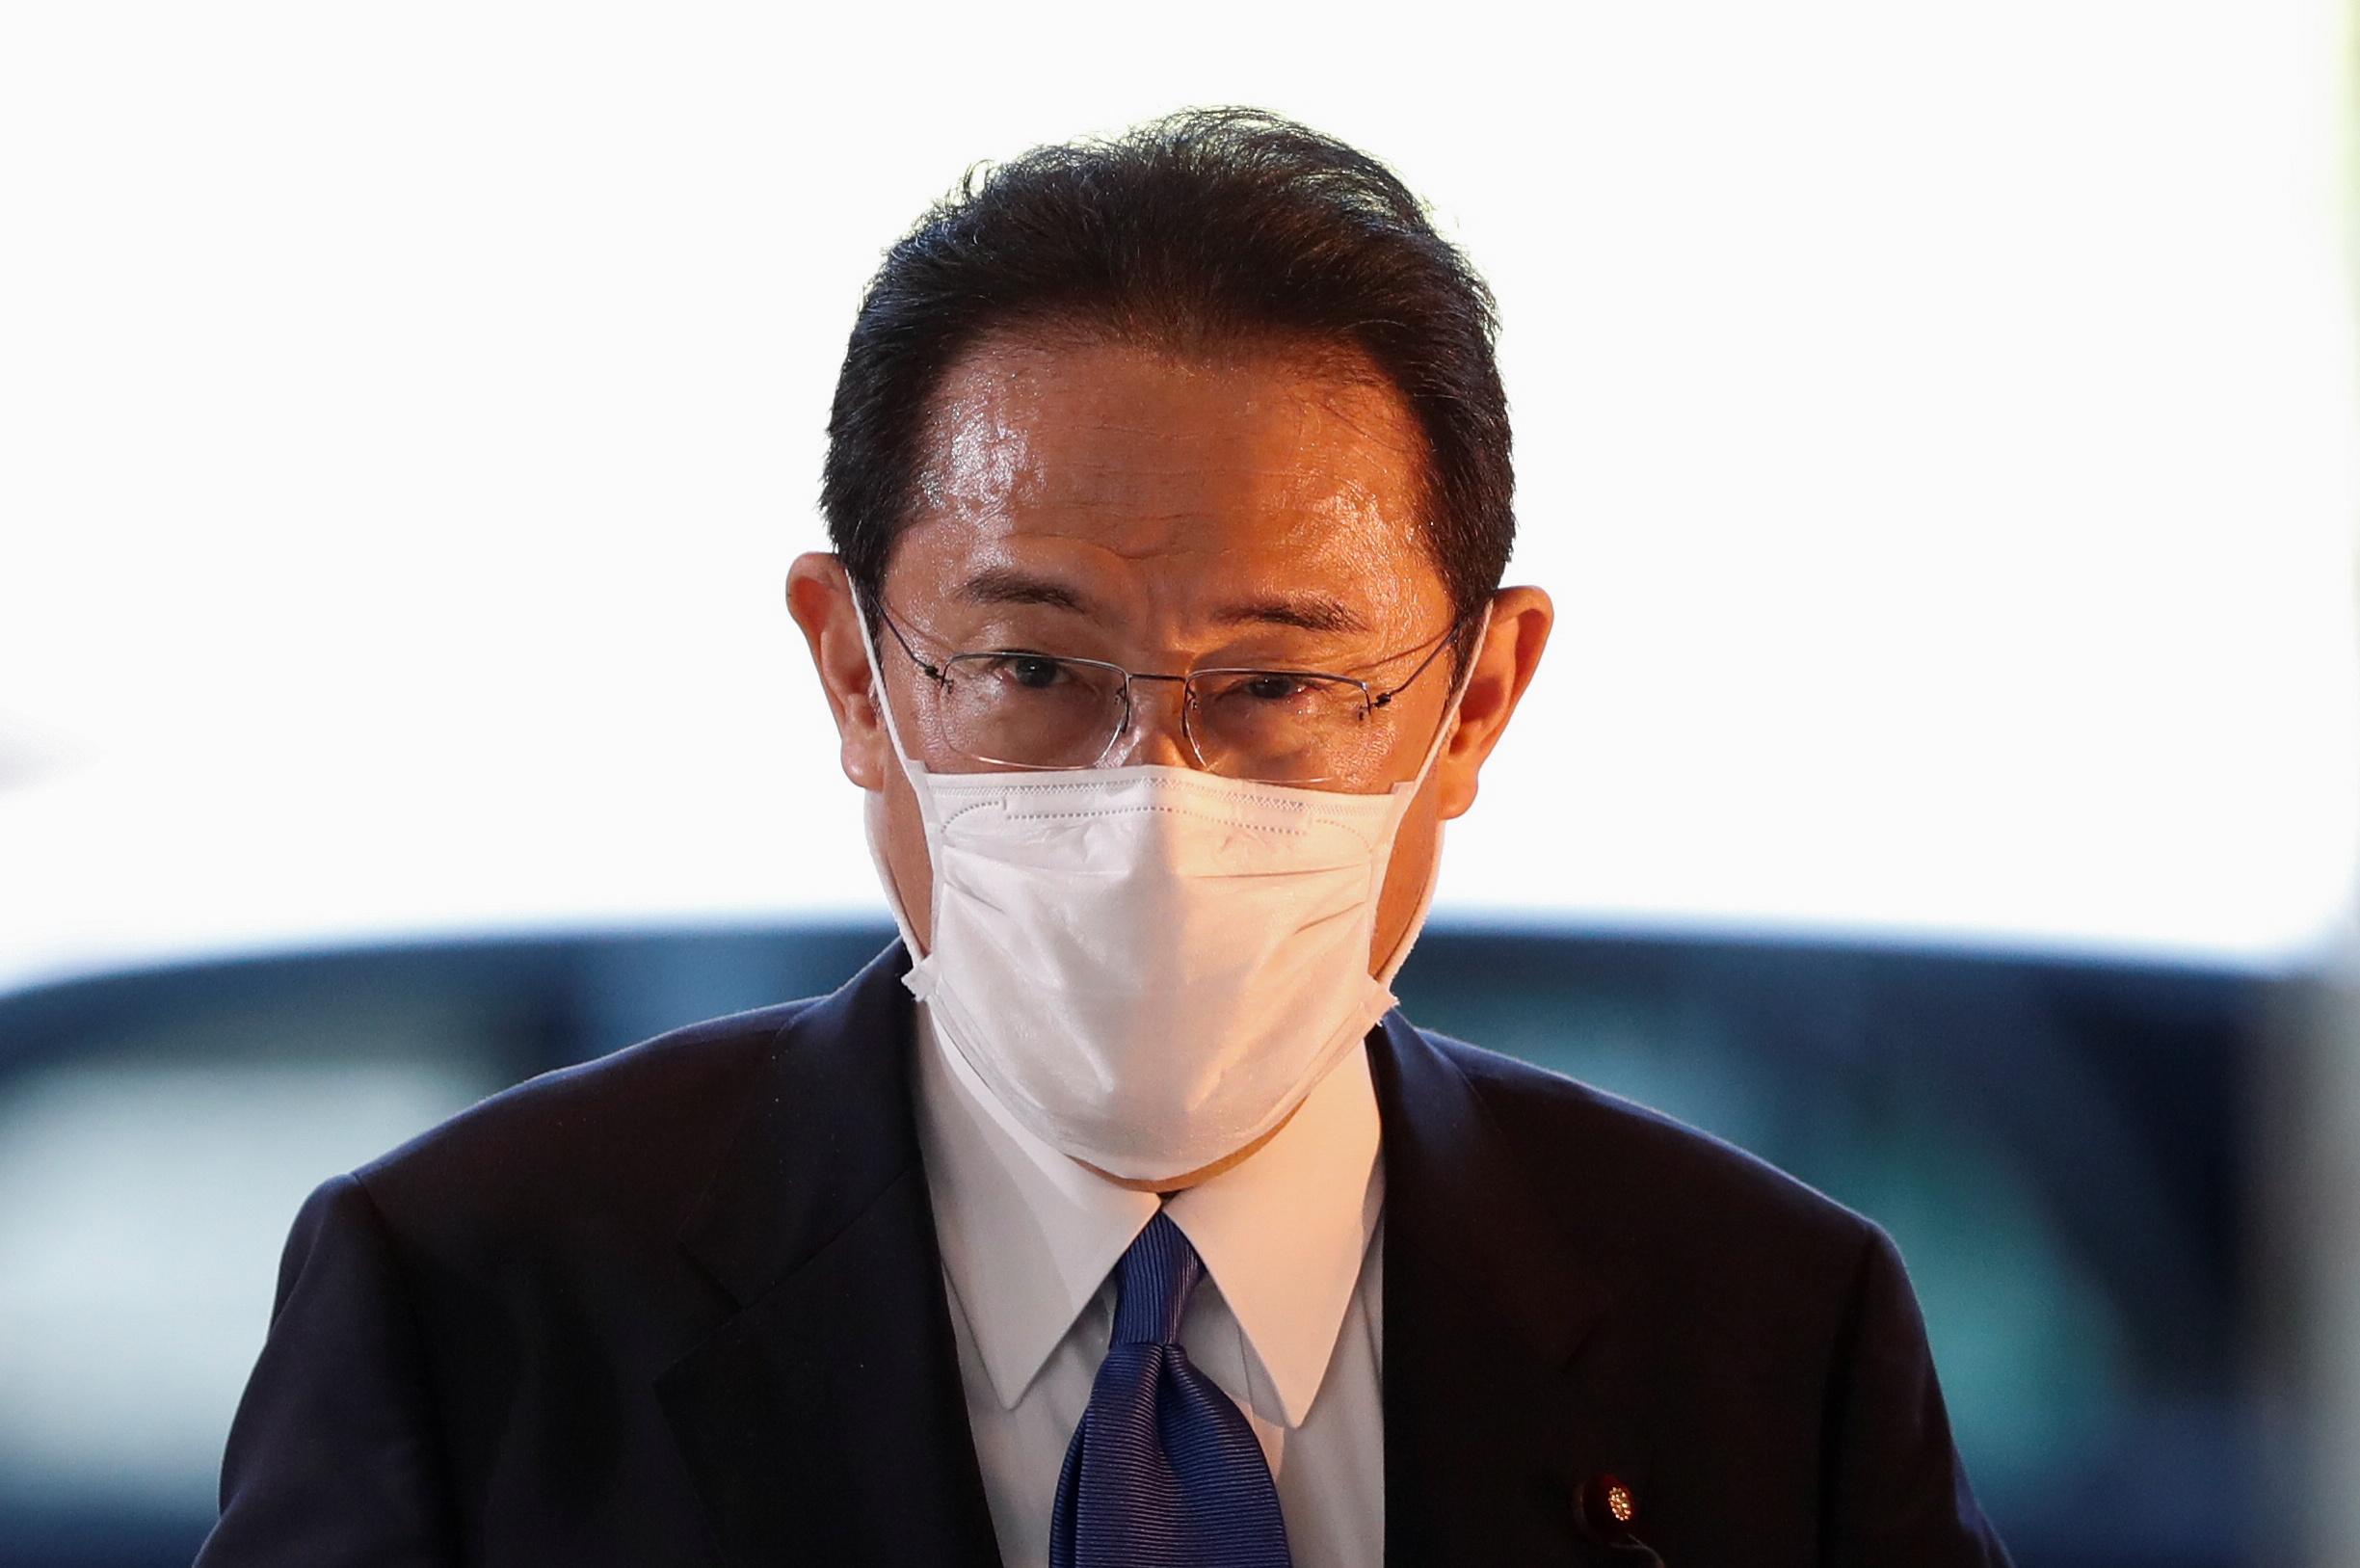 Ιαπωνία: Πρωθυπουργός της χώρας ο Φούμιο Κισίντα - Εξελέξη από το κοινοβούλιο